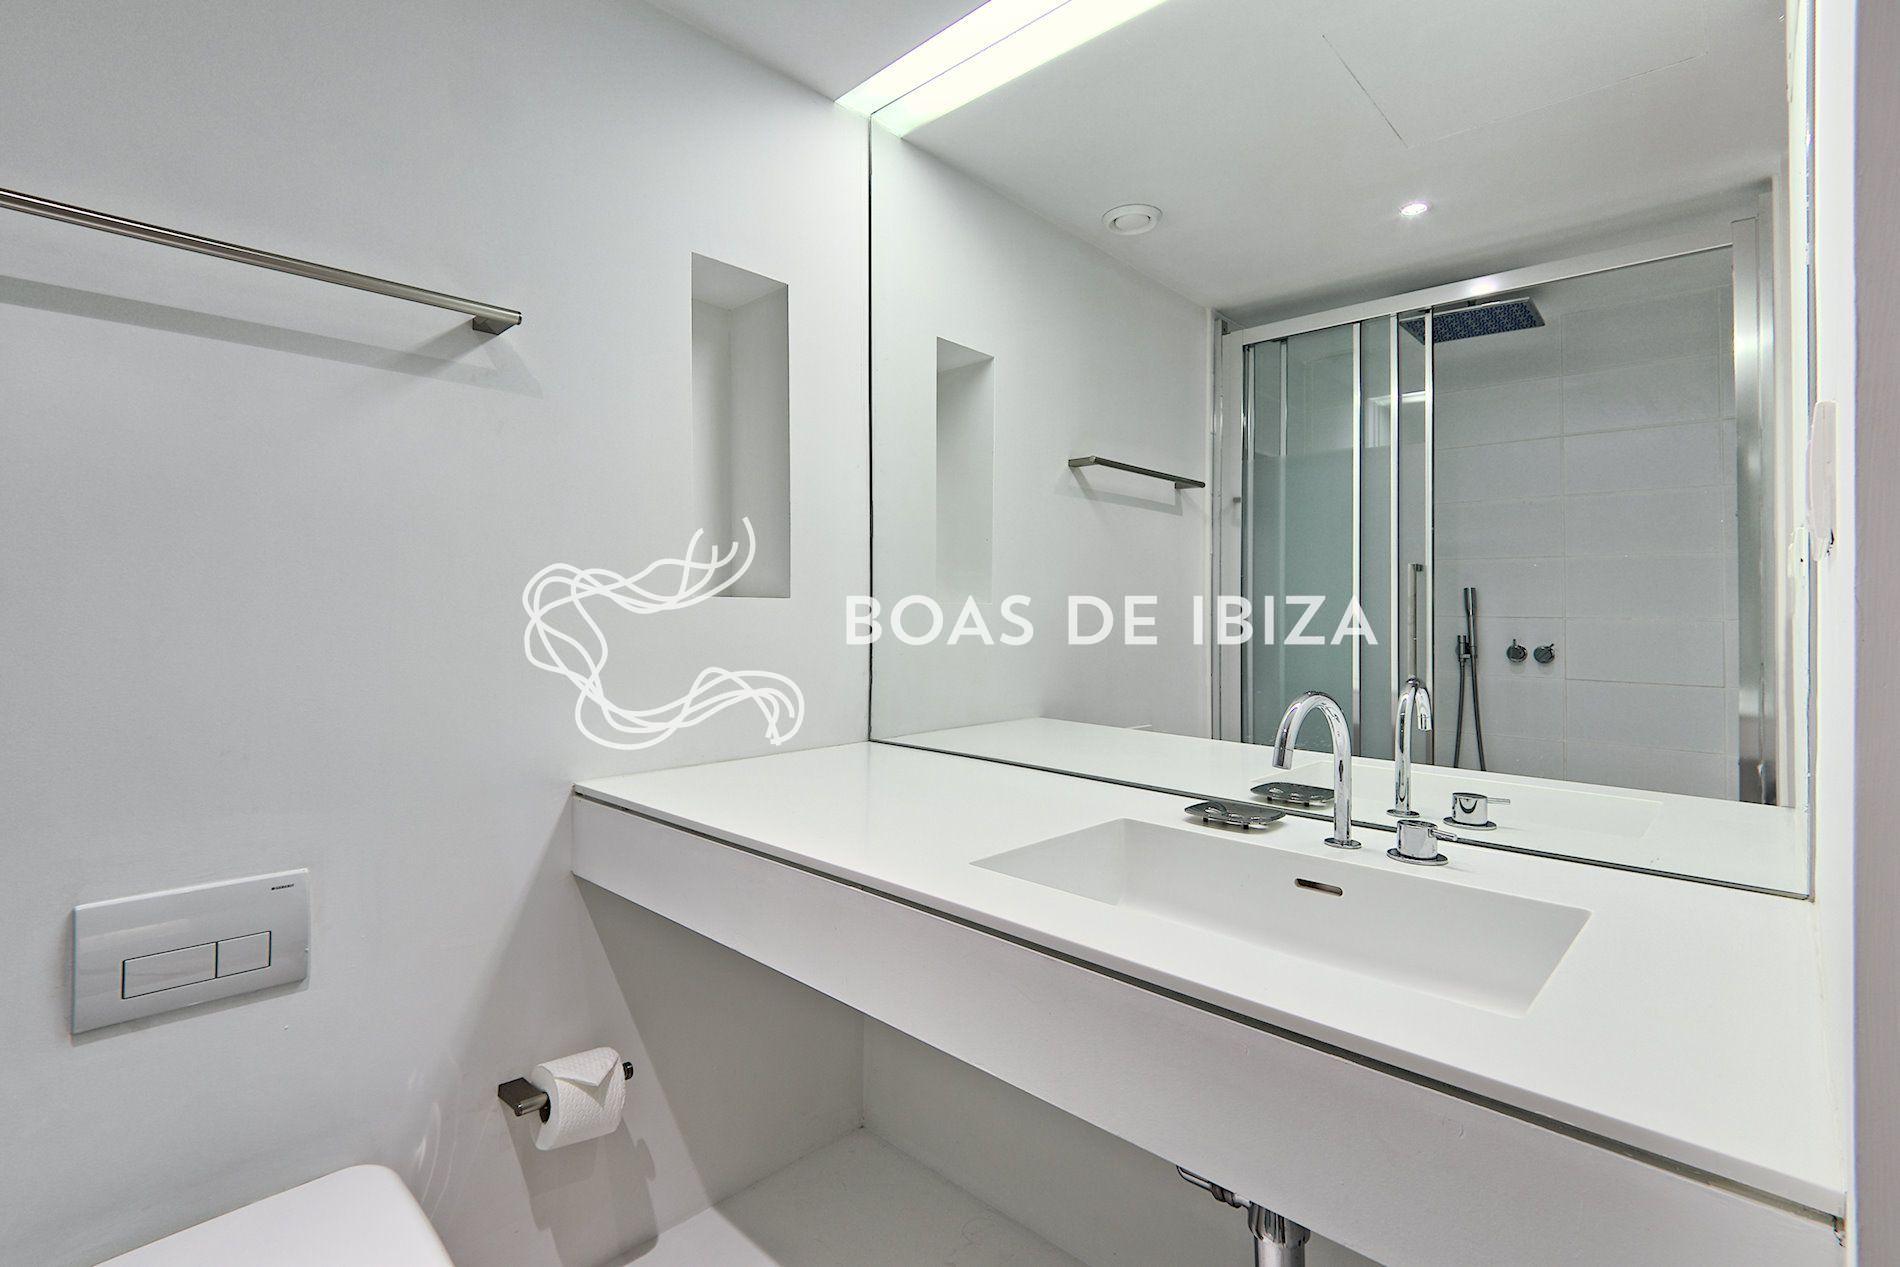 Boas_Esc13_3-1_jpg-1900_27_result_result